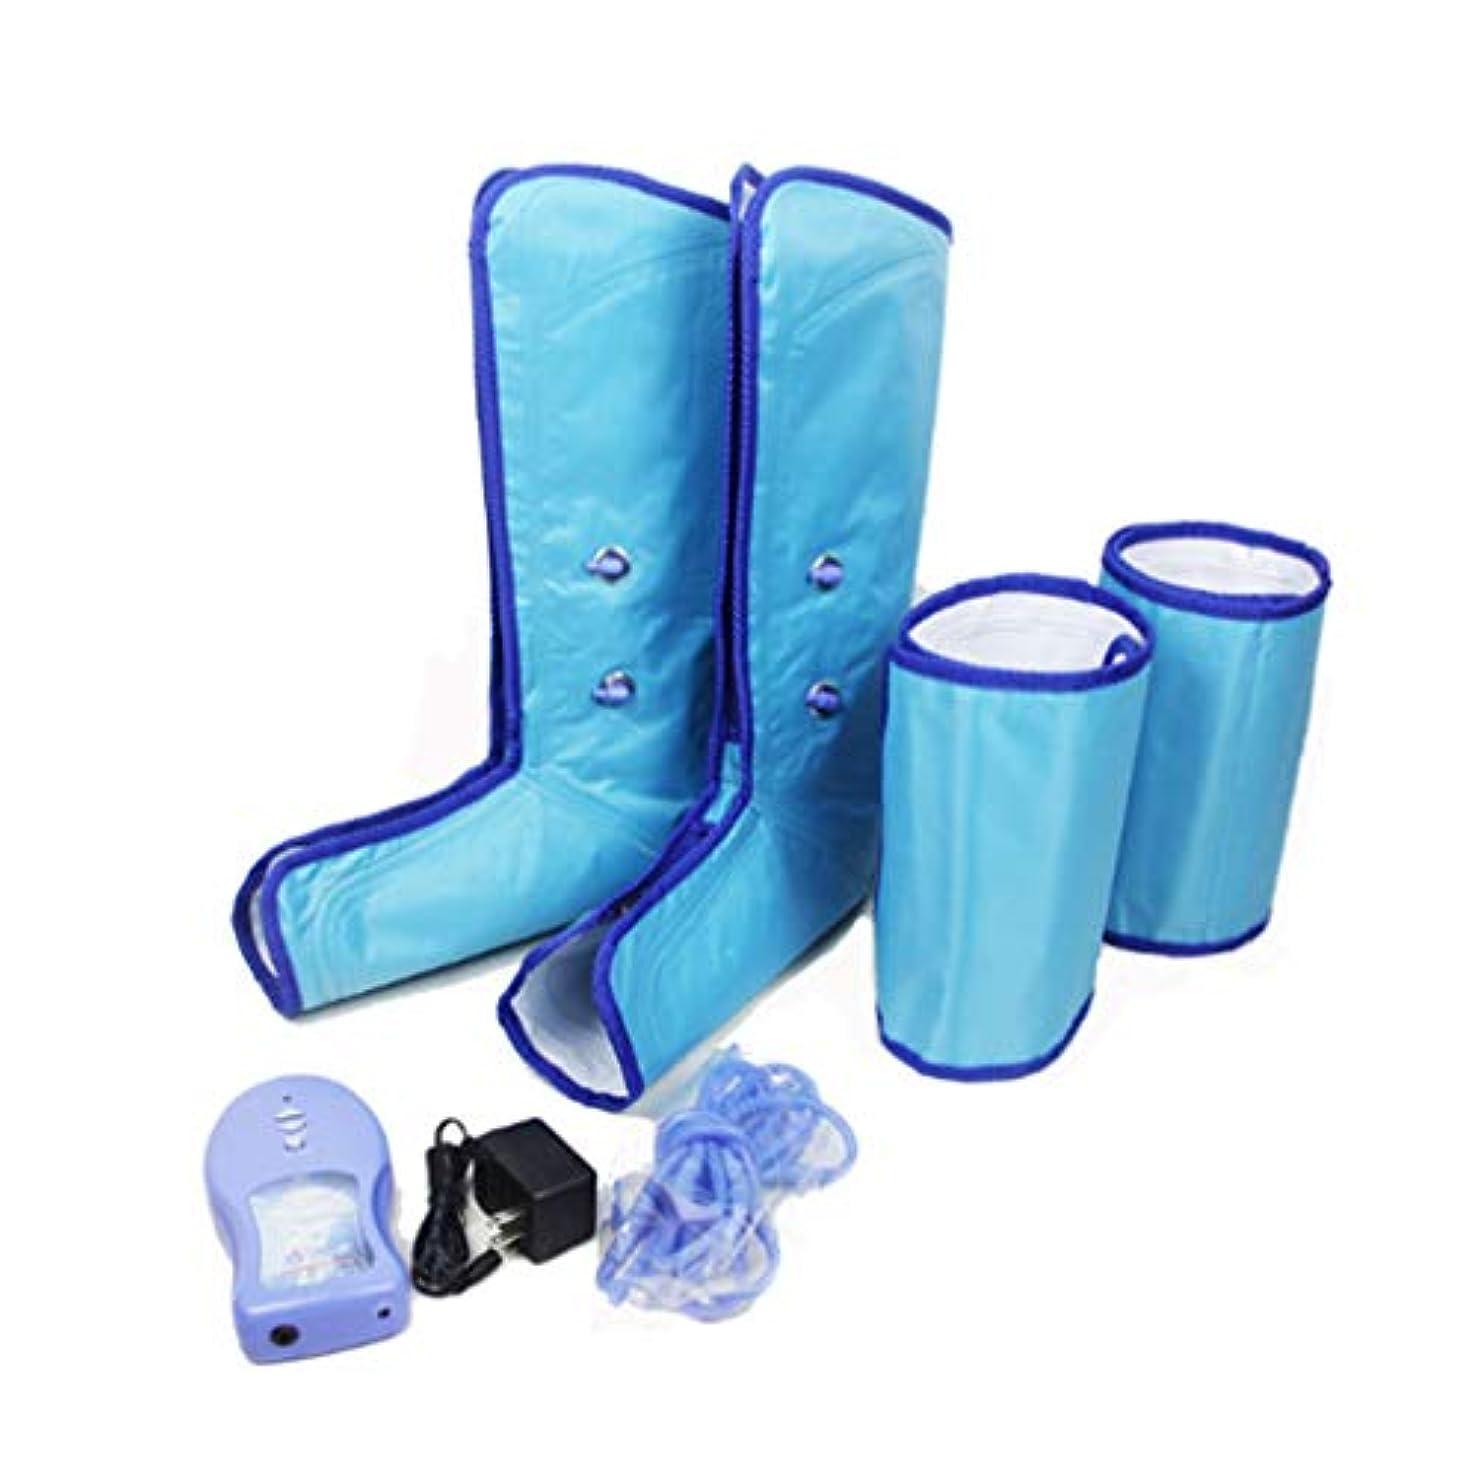 ライセンス十億節約循環および筋肉苦痛救助のための空気圧縮の足覆いのマッサージャー、足のふくらはぎおよび腿の循環のMassagetherapyの足の暖かい人